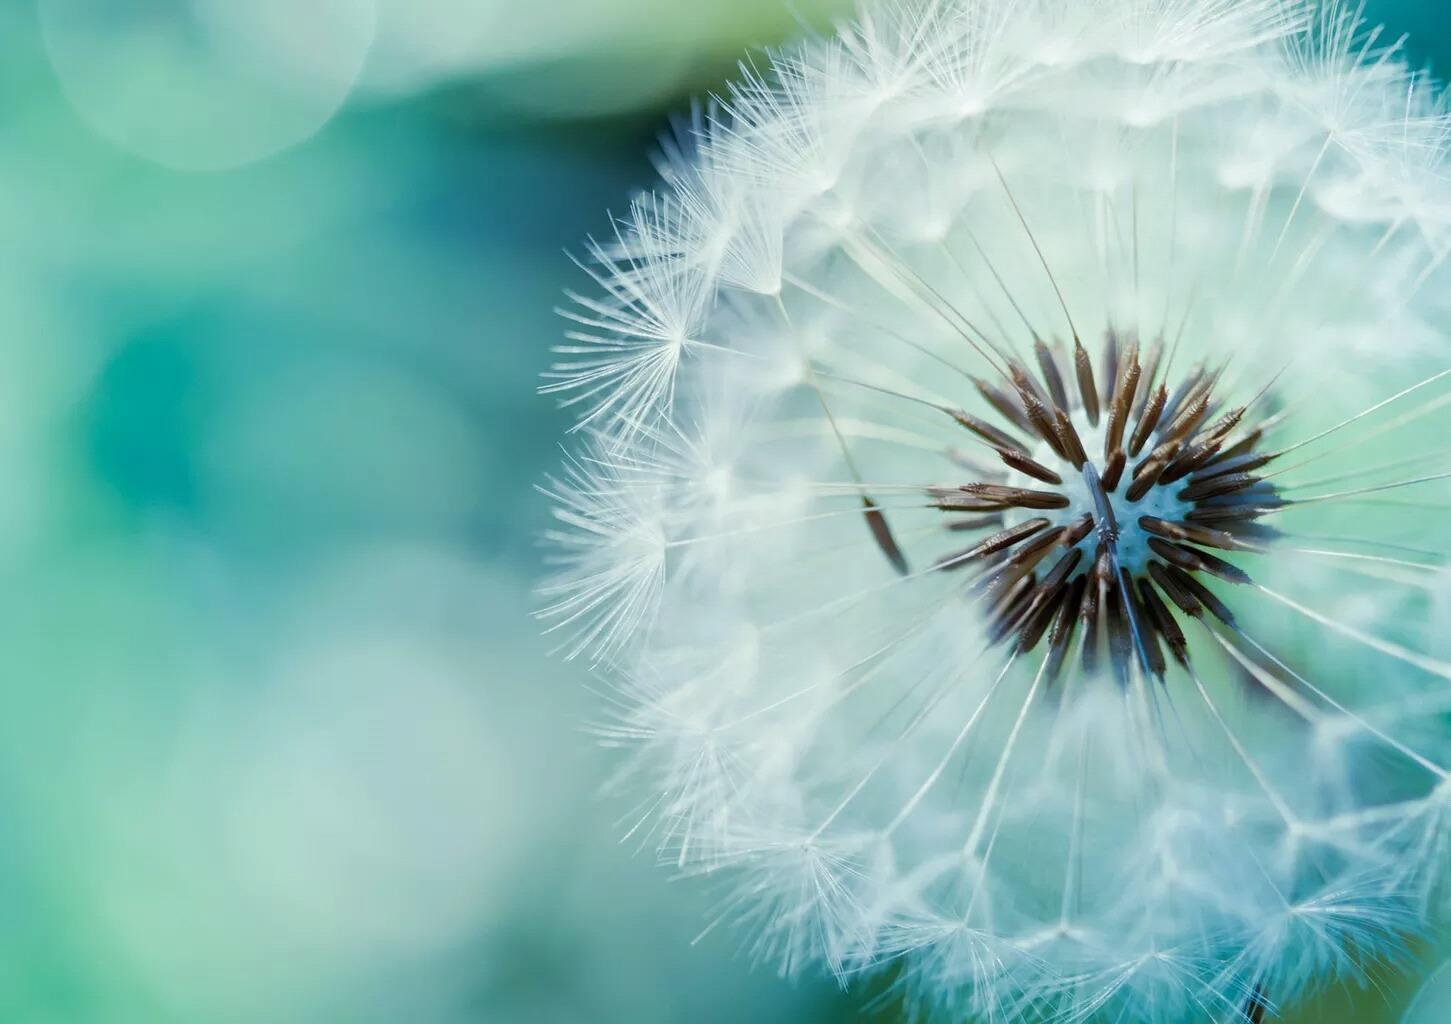 人生追求与理想的励志语录:每个努力拼搏的人,都是最可爱的人